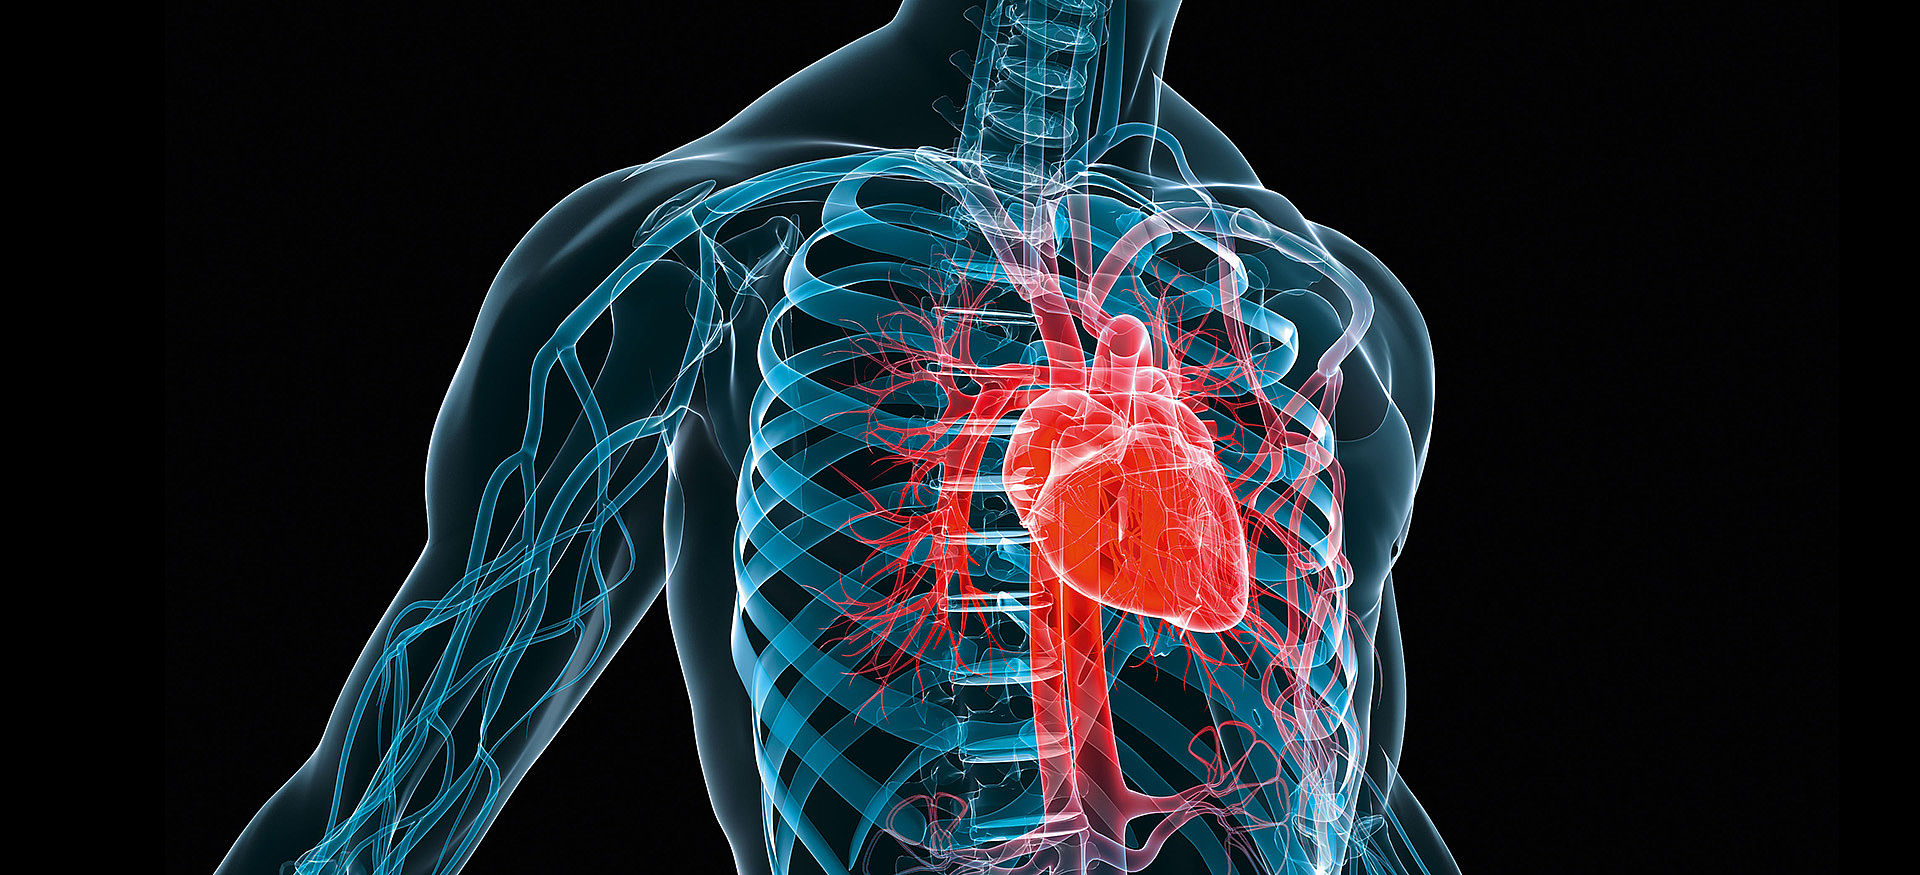 Cirugía cardíaca, torácica y vascular